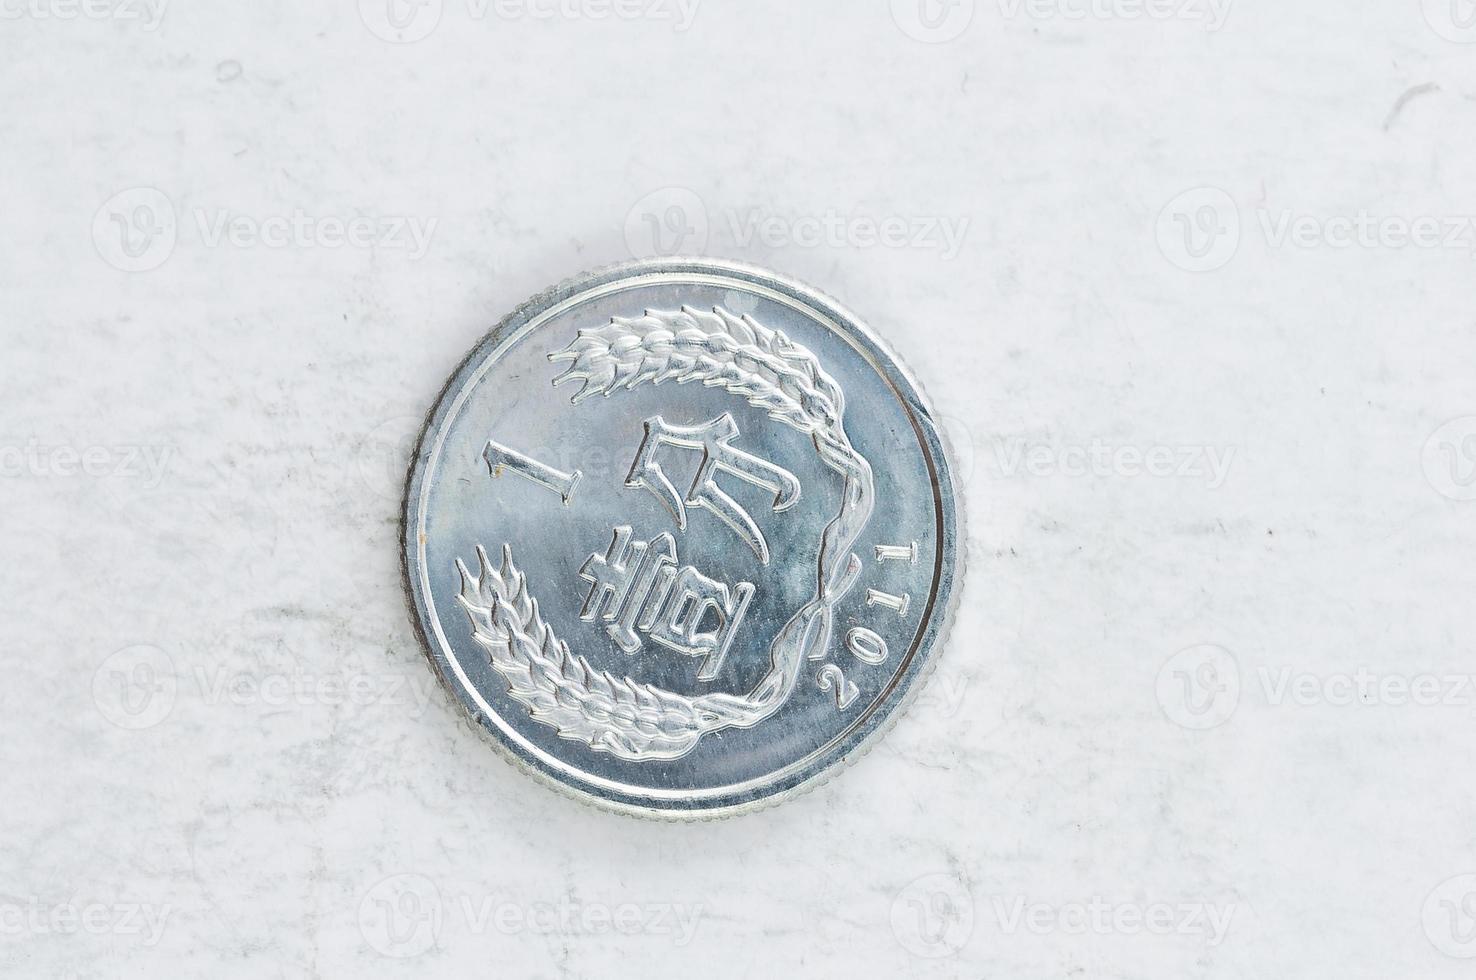 1 yi jiao moeda chinesa prata alu foto